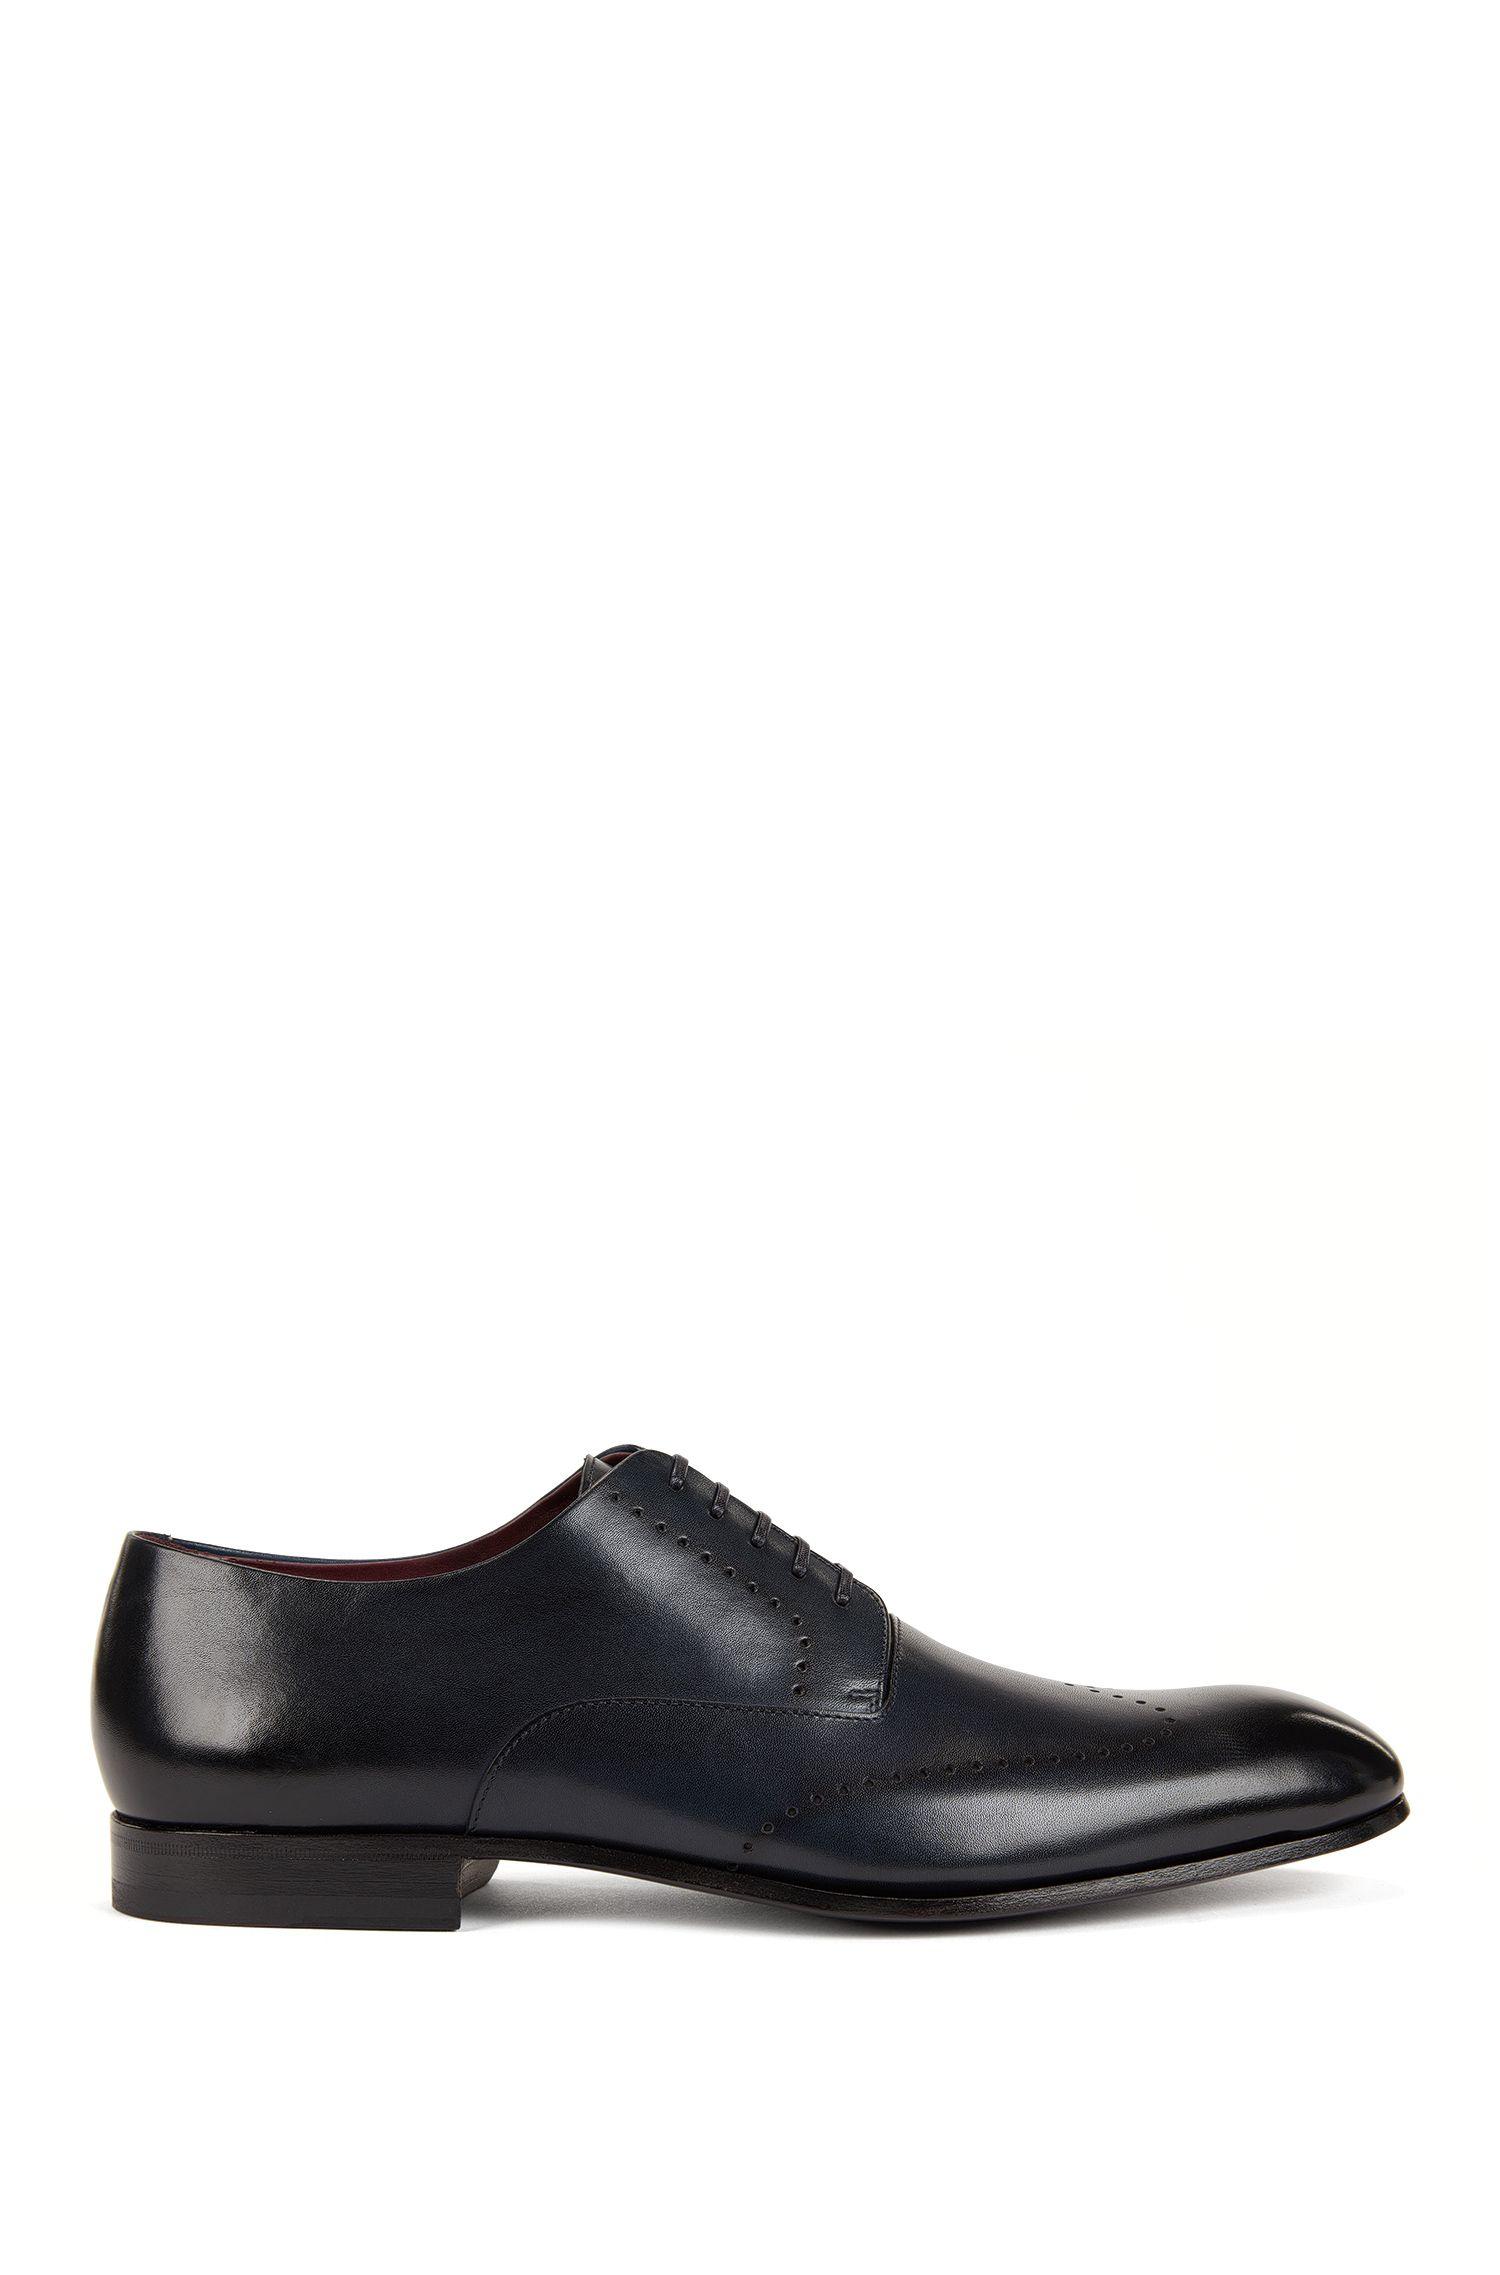 Chaussures derby en cuir poli à bout perforé